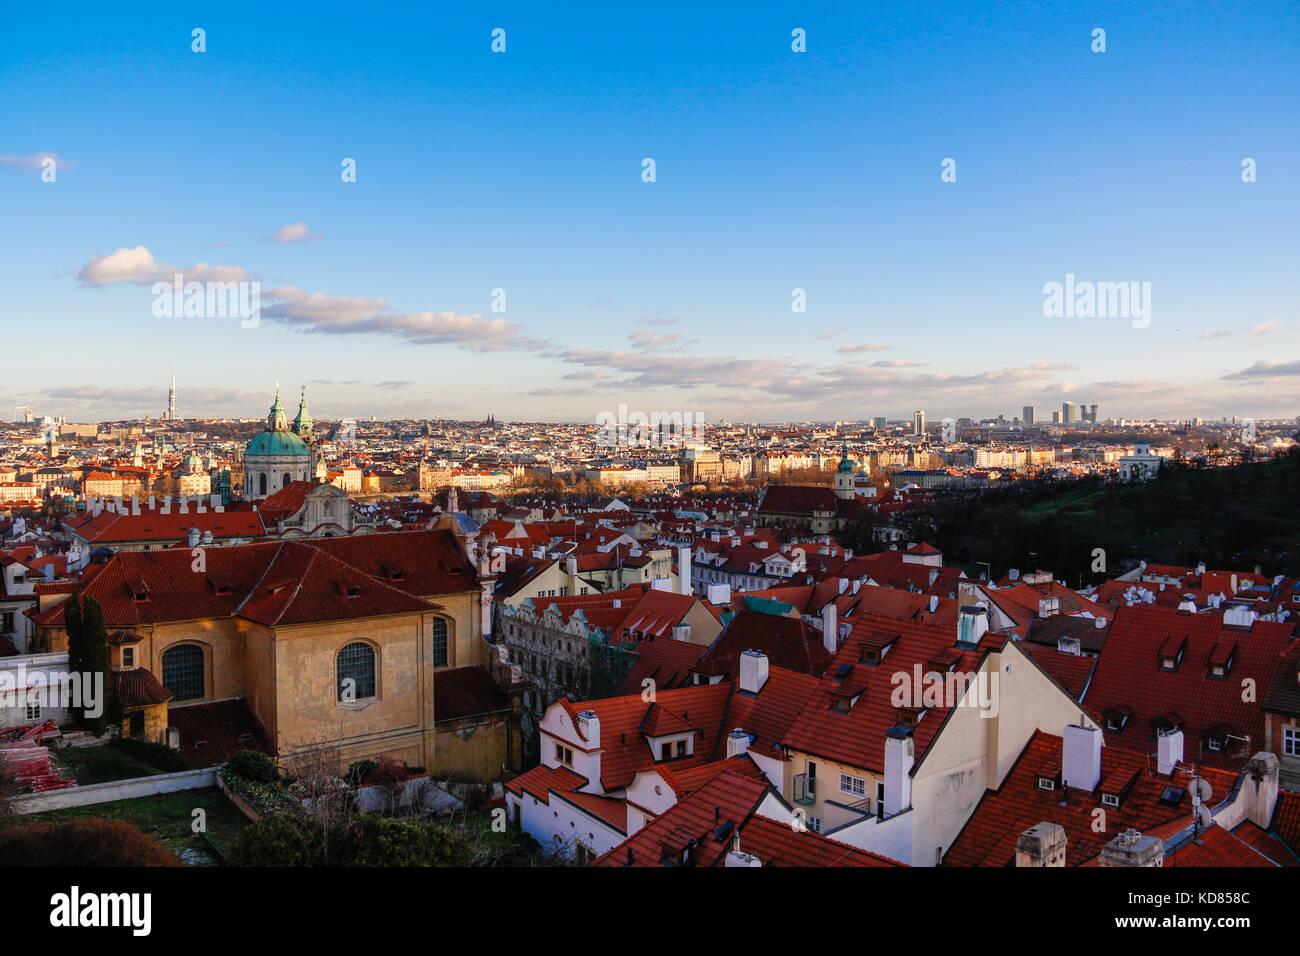 Luftaufnahme der Stadt, Prag, Tschechische Republik Stockbild